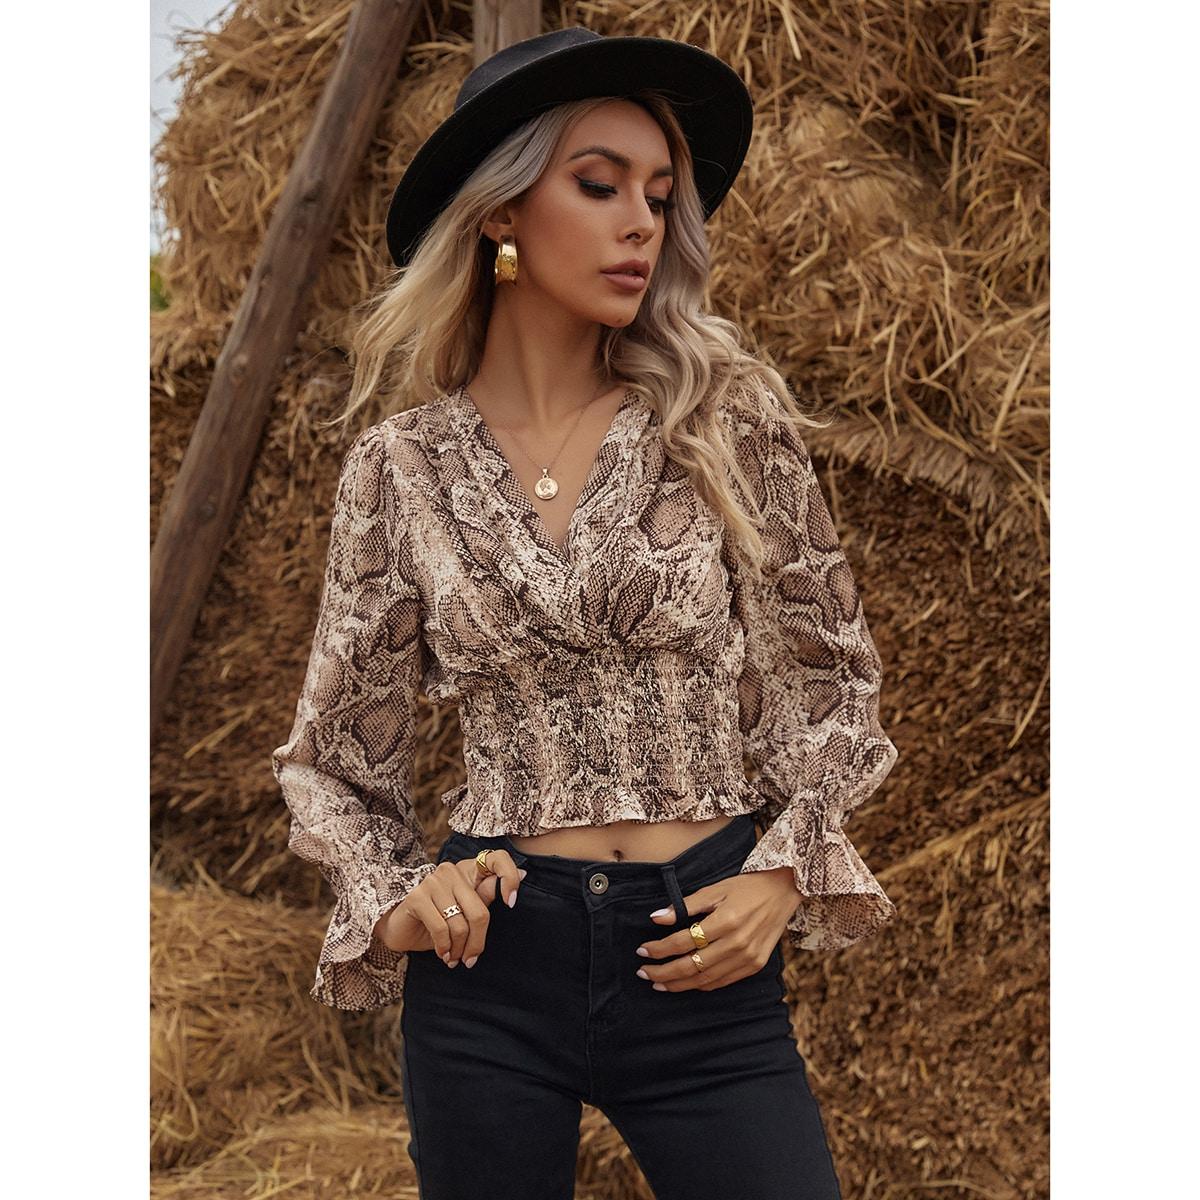 SHEIN / Bluse mit geraffter Taille, Rüschenbesatz und Schlangenhaut Muster